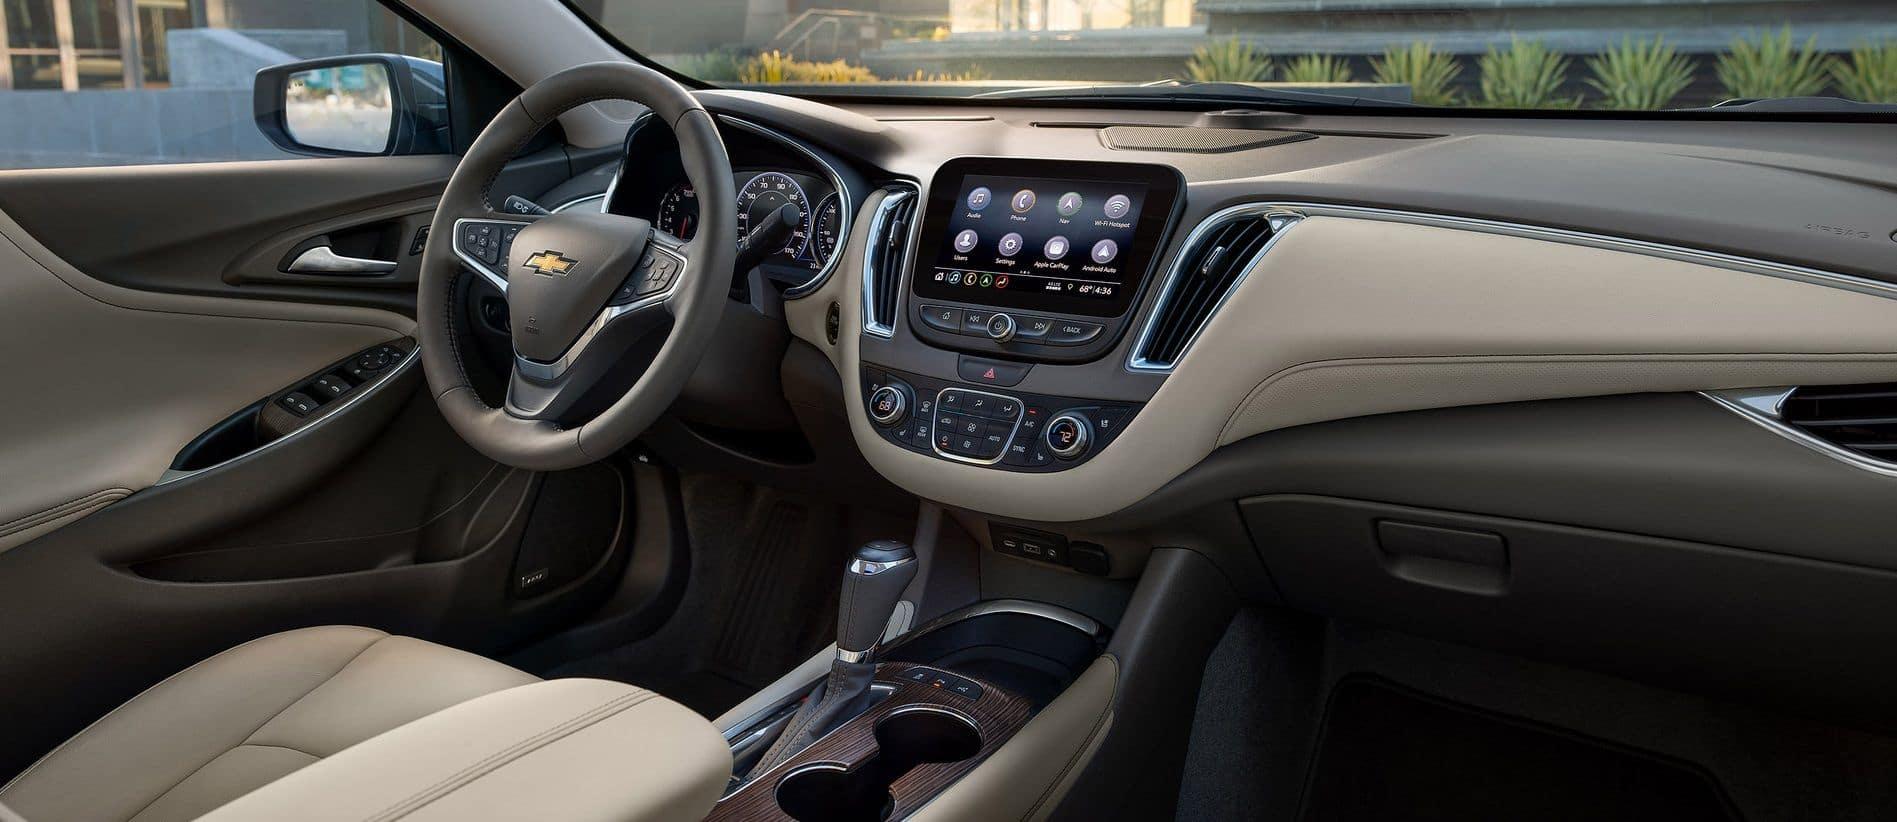 2019 Chevy Malibu Interior Okarche, OK